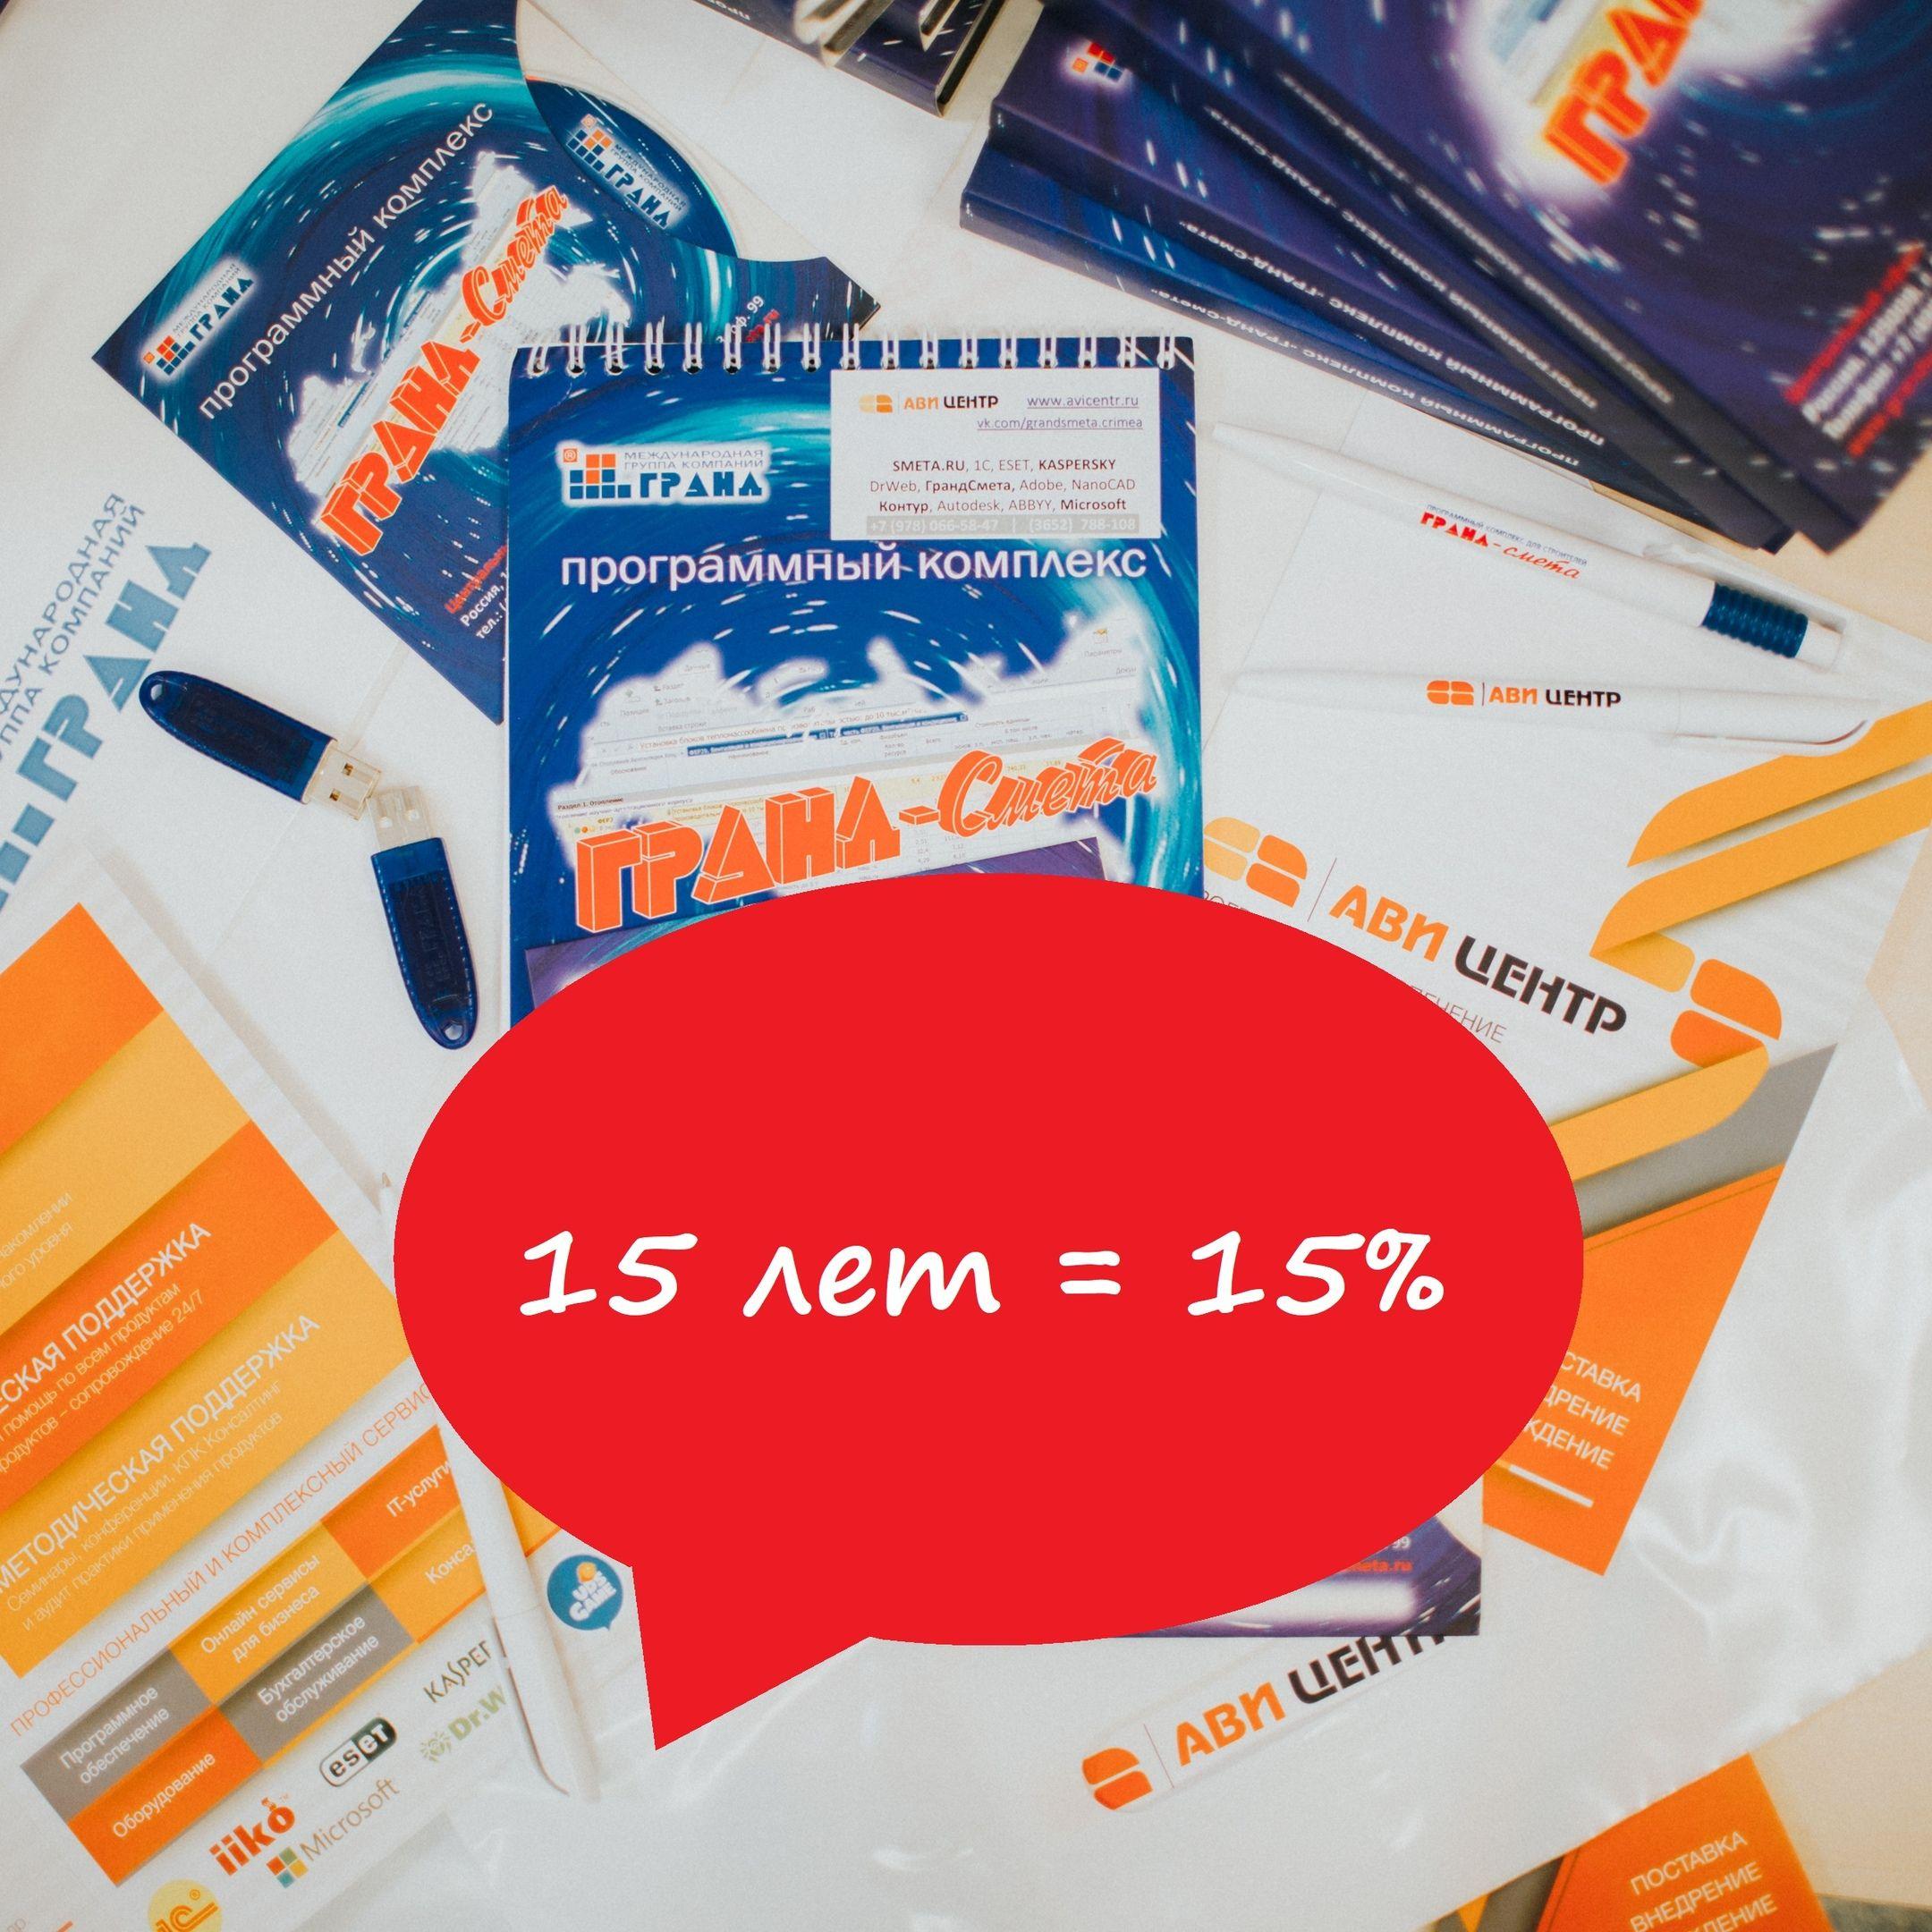 Акция! – 15% для всех клиентов на новые лицензии и на обновления версий программы Гранд-Смета.